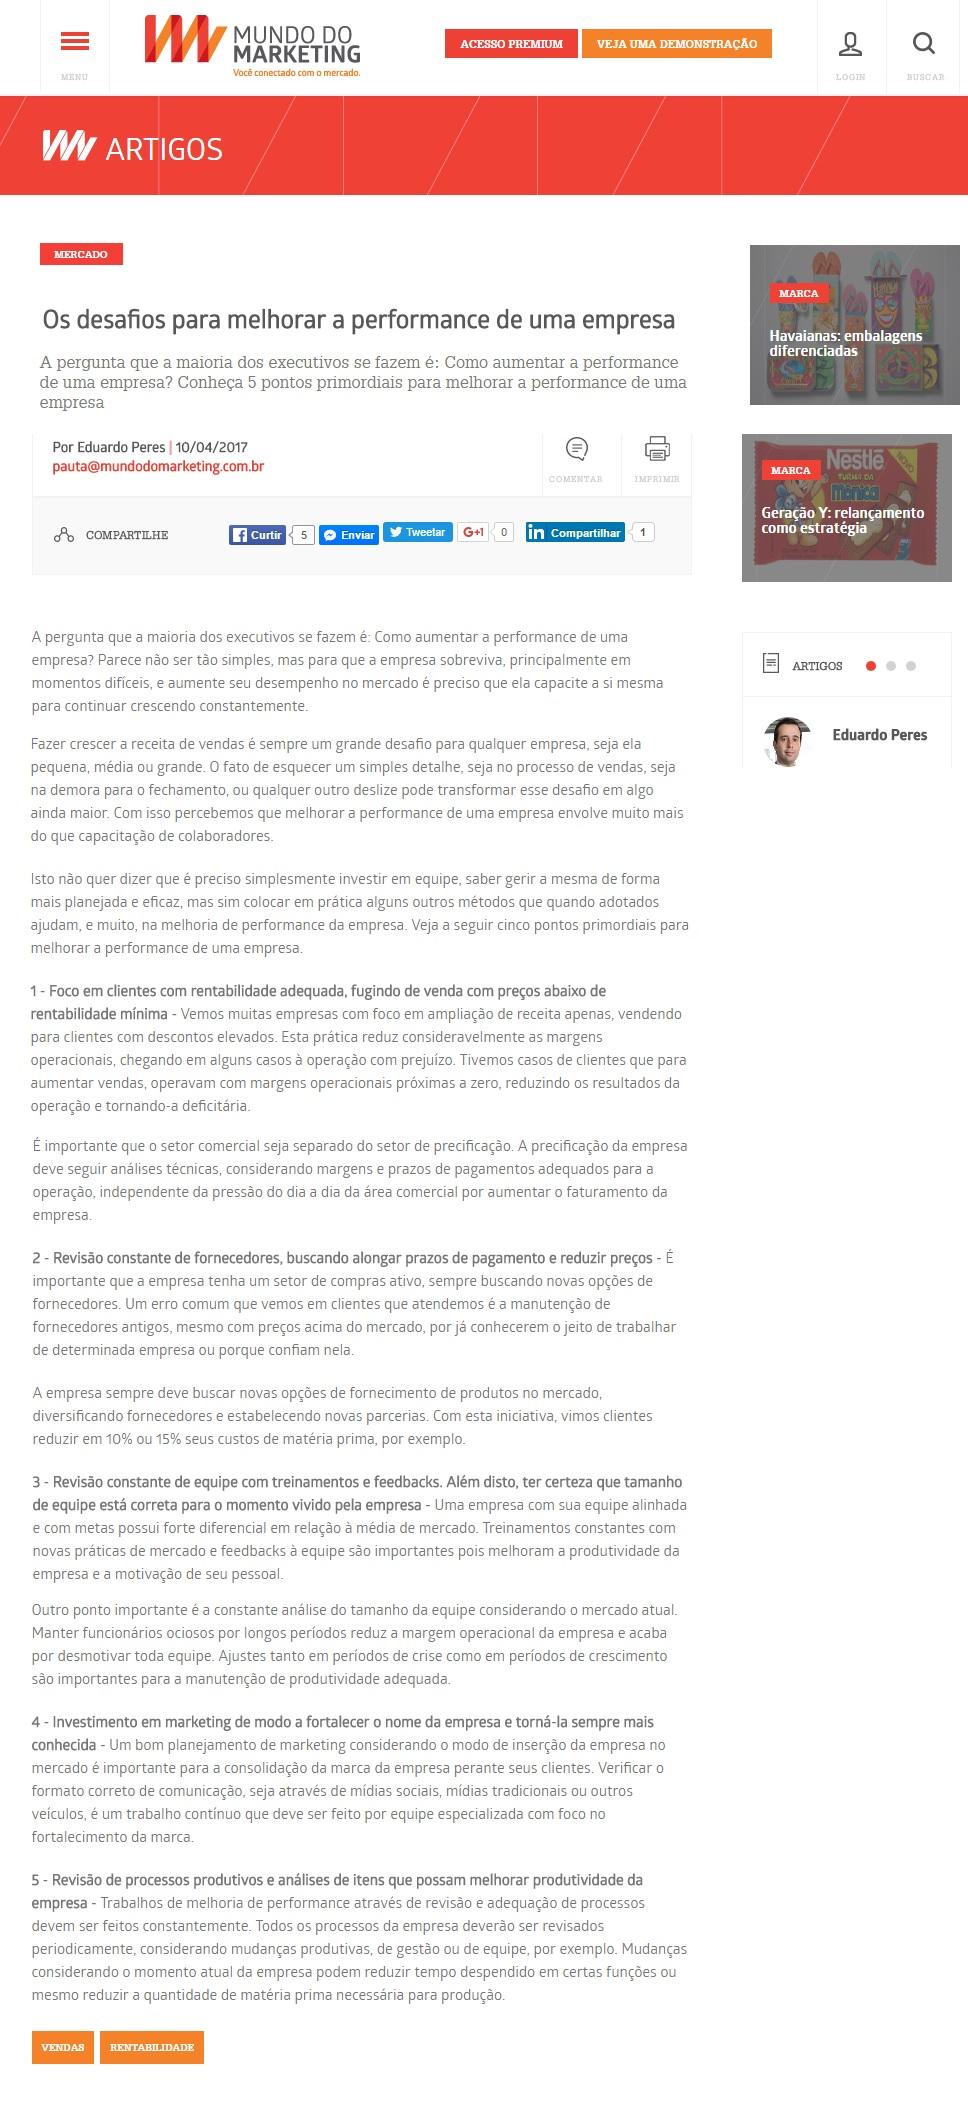 Globaltrevo No Mundo Do Marketing 10 04 2017 Conect News